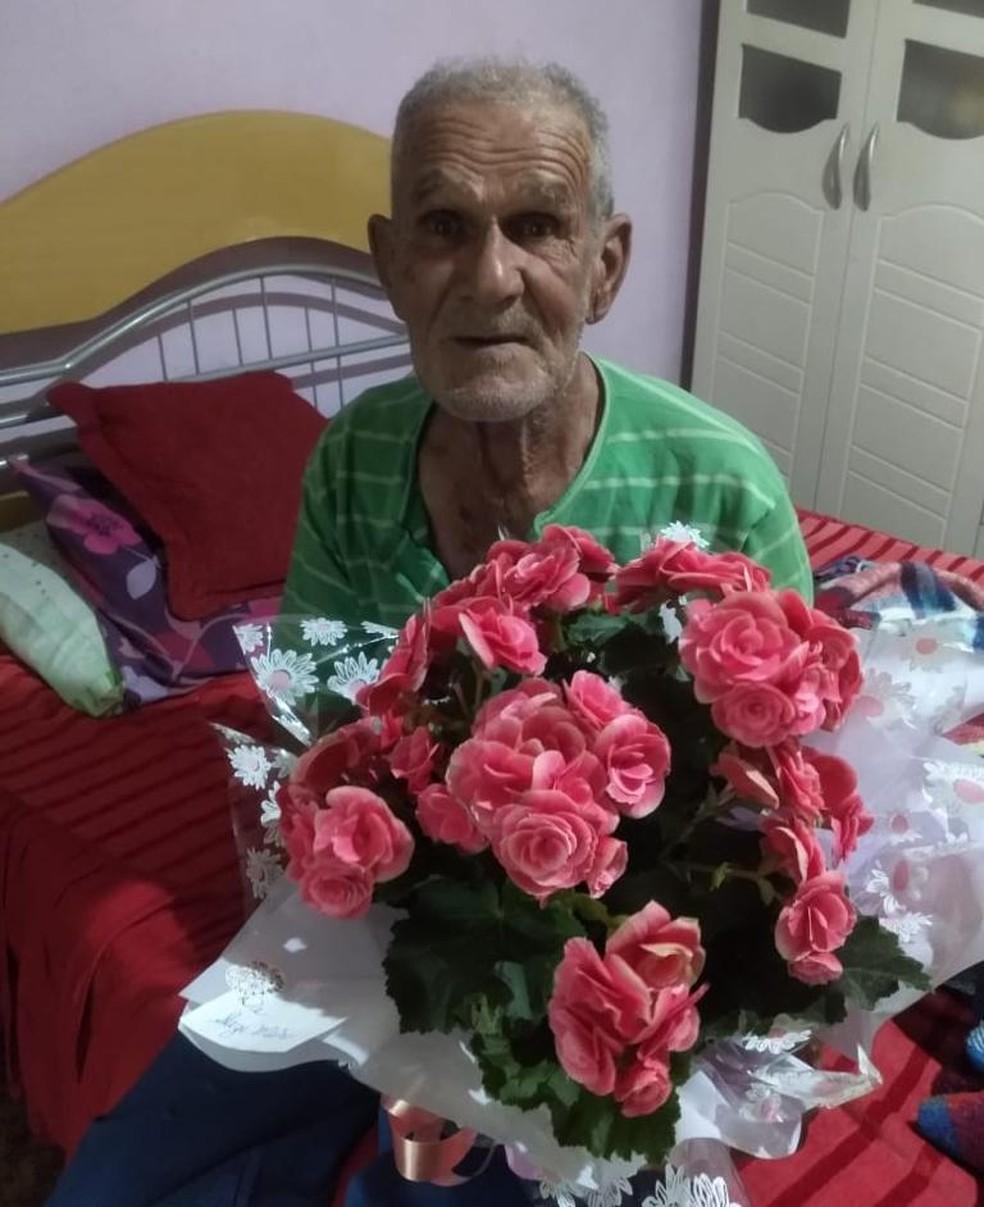 História de idoso acusado de roubo ao colher mudas de canteiro viraliza e moradores fazem doação de flores — Foto: Arquivo pessoal